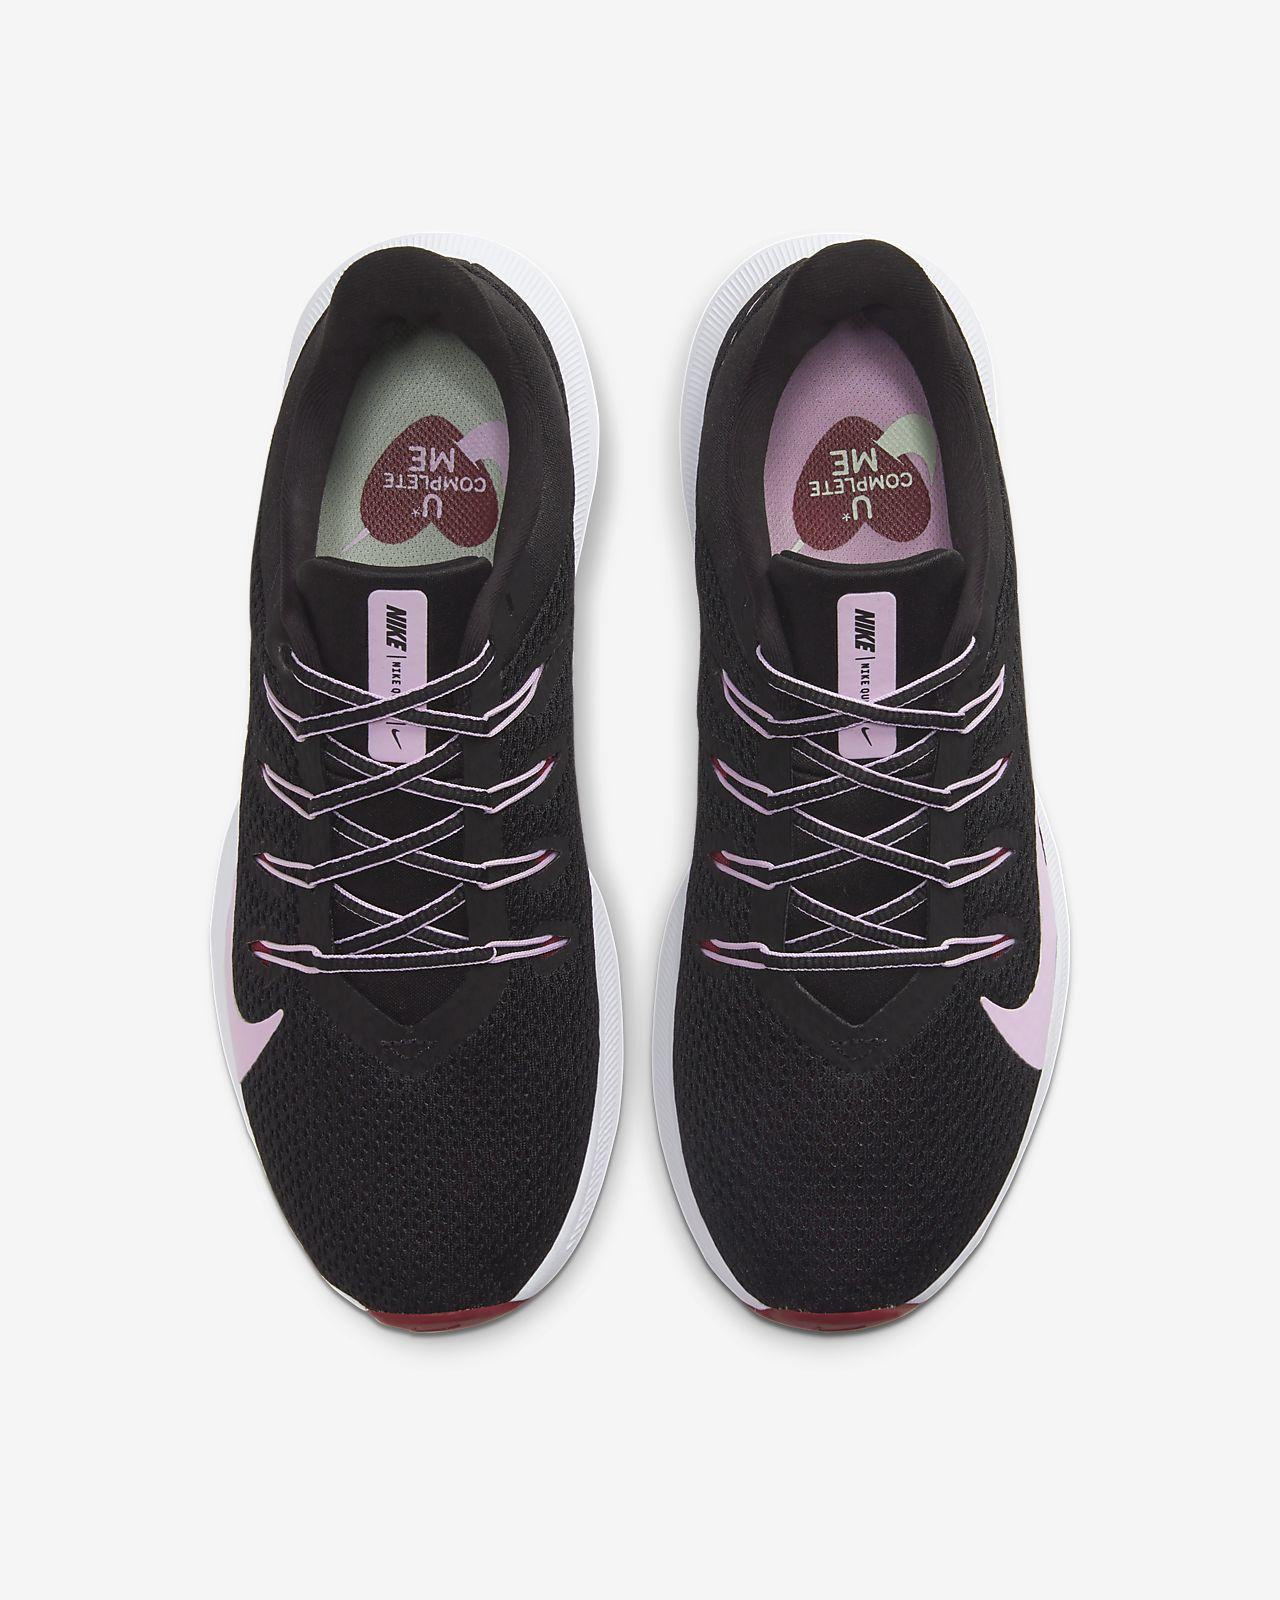 hermoso estilo verse bien zapatos venta encanto de costo Nike Quest 2 Zapatillas de running - Mujer. Nike ES